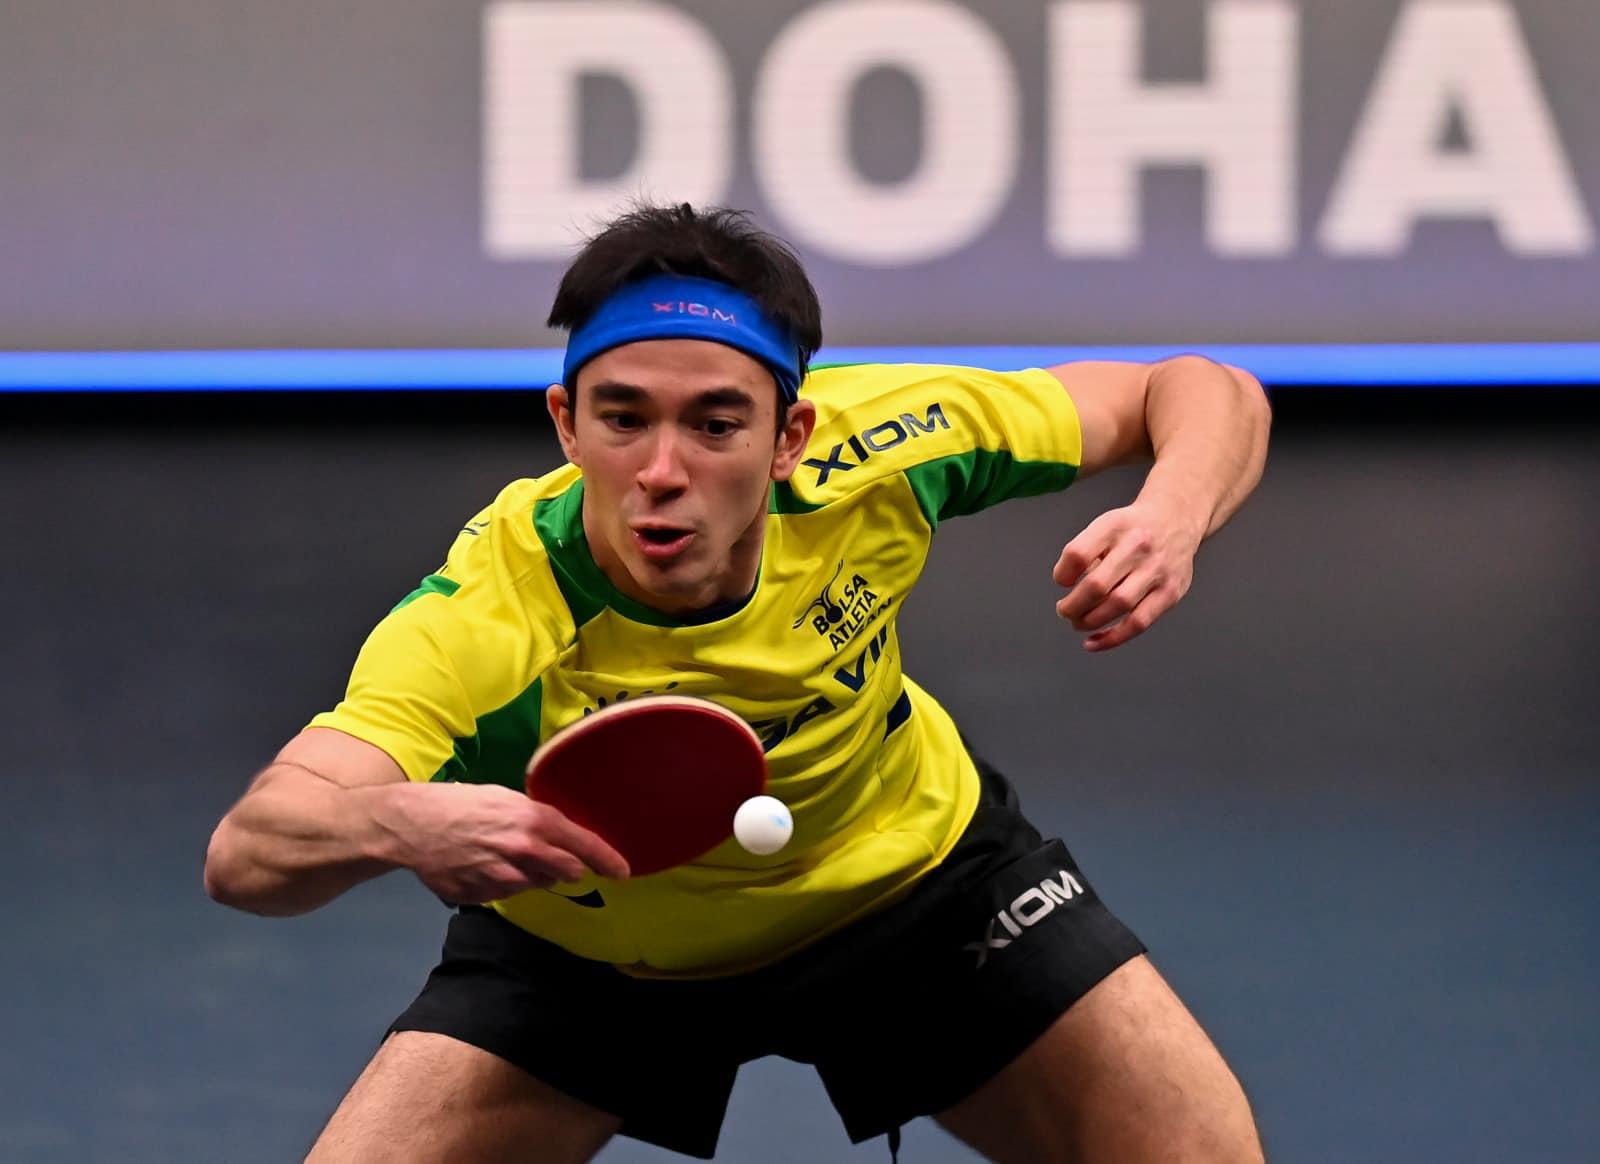 Hugo esteve nas etapas de abertura da temporada do WTT (Crédito: Qatar Table Tennis Association)